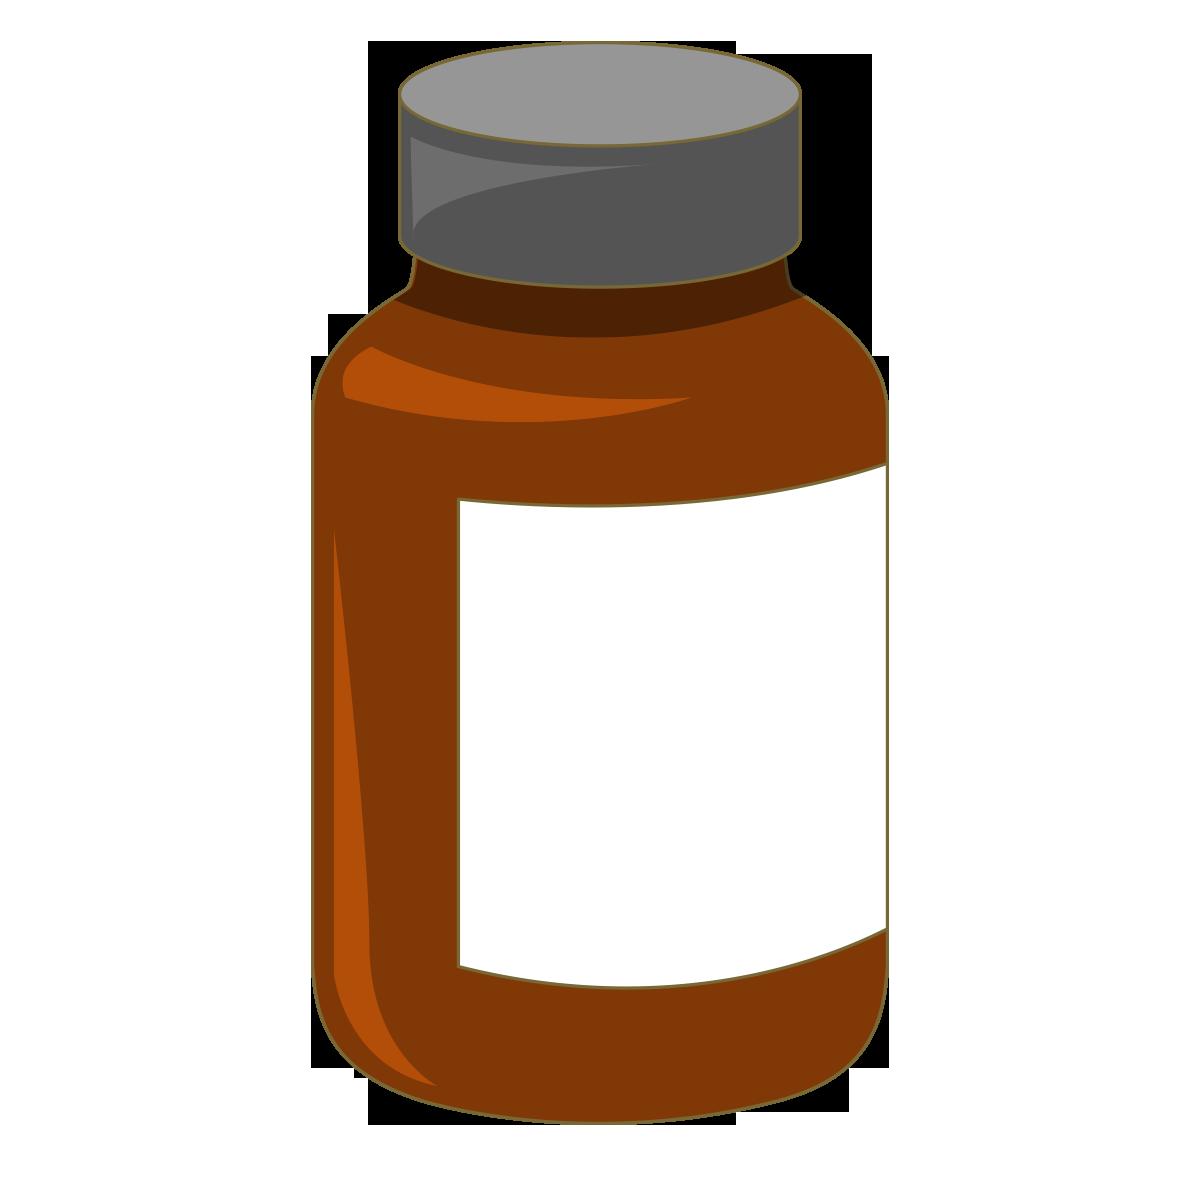 Drug clipart medicine container. Bottle bottles transprent png